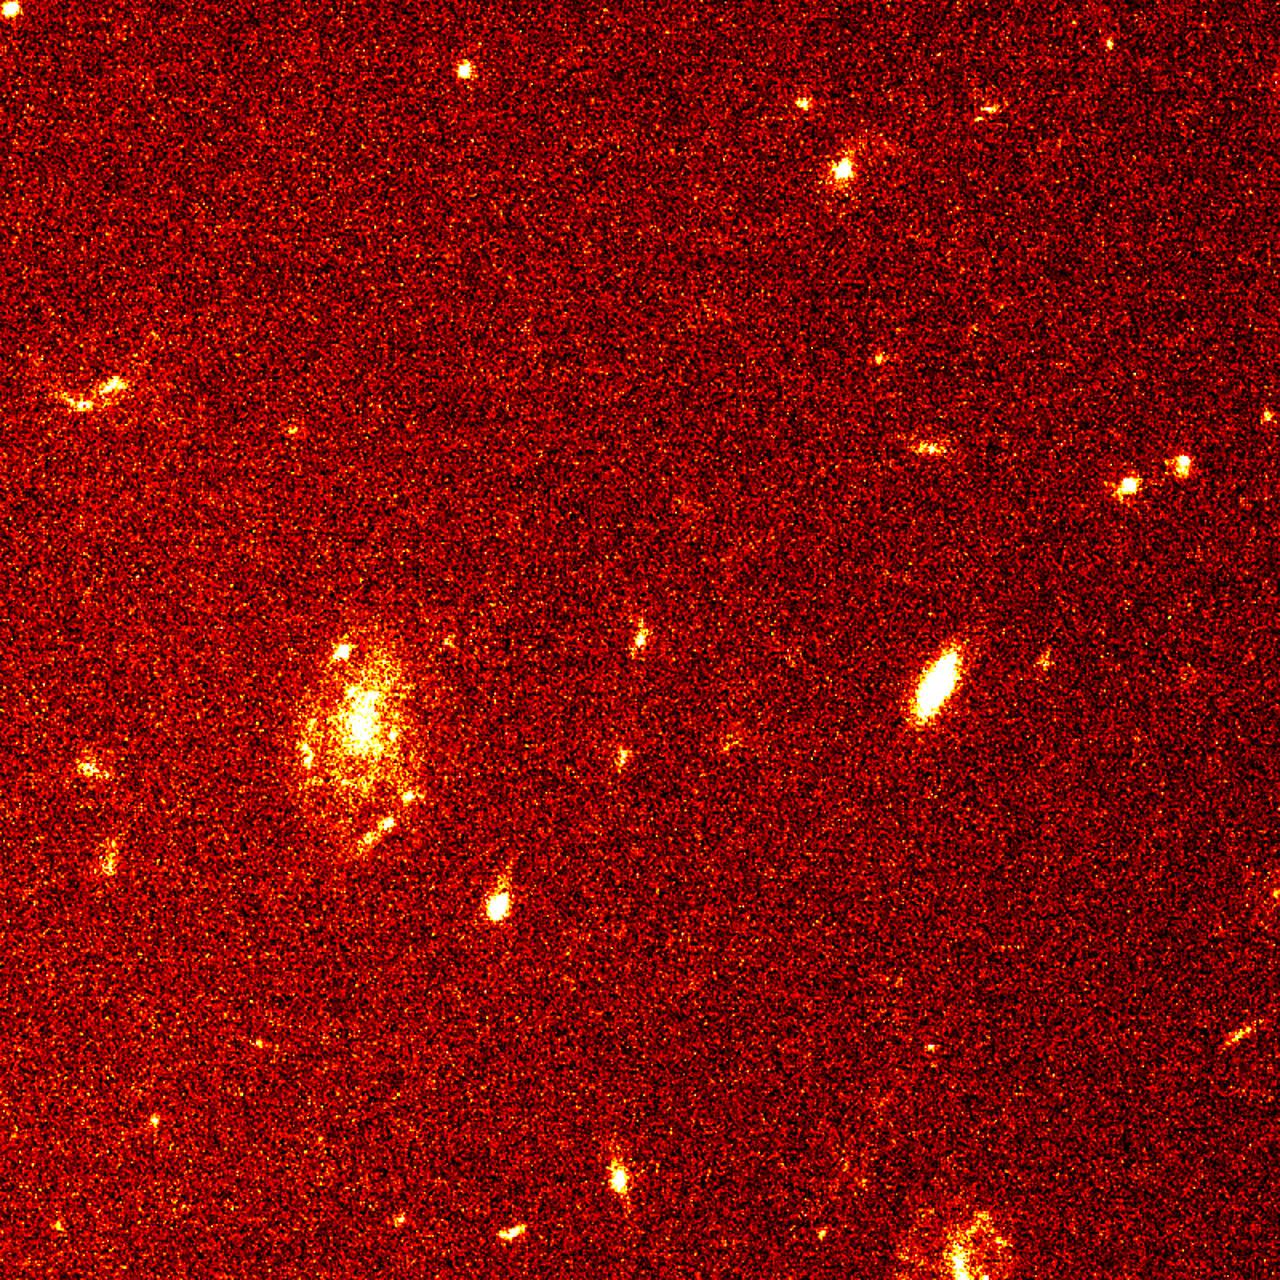 Gamma Ray Burst 971214